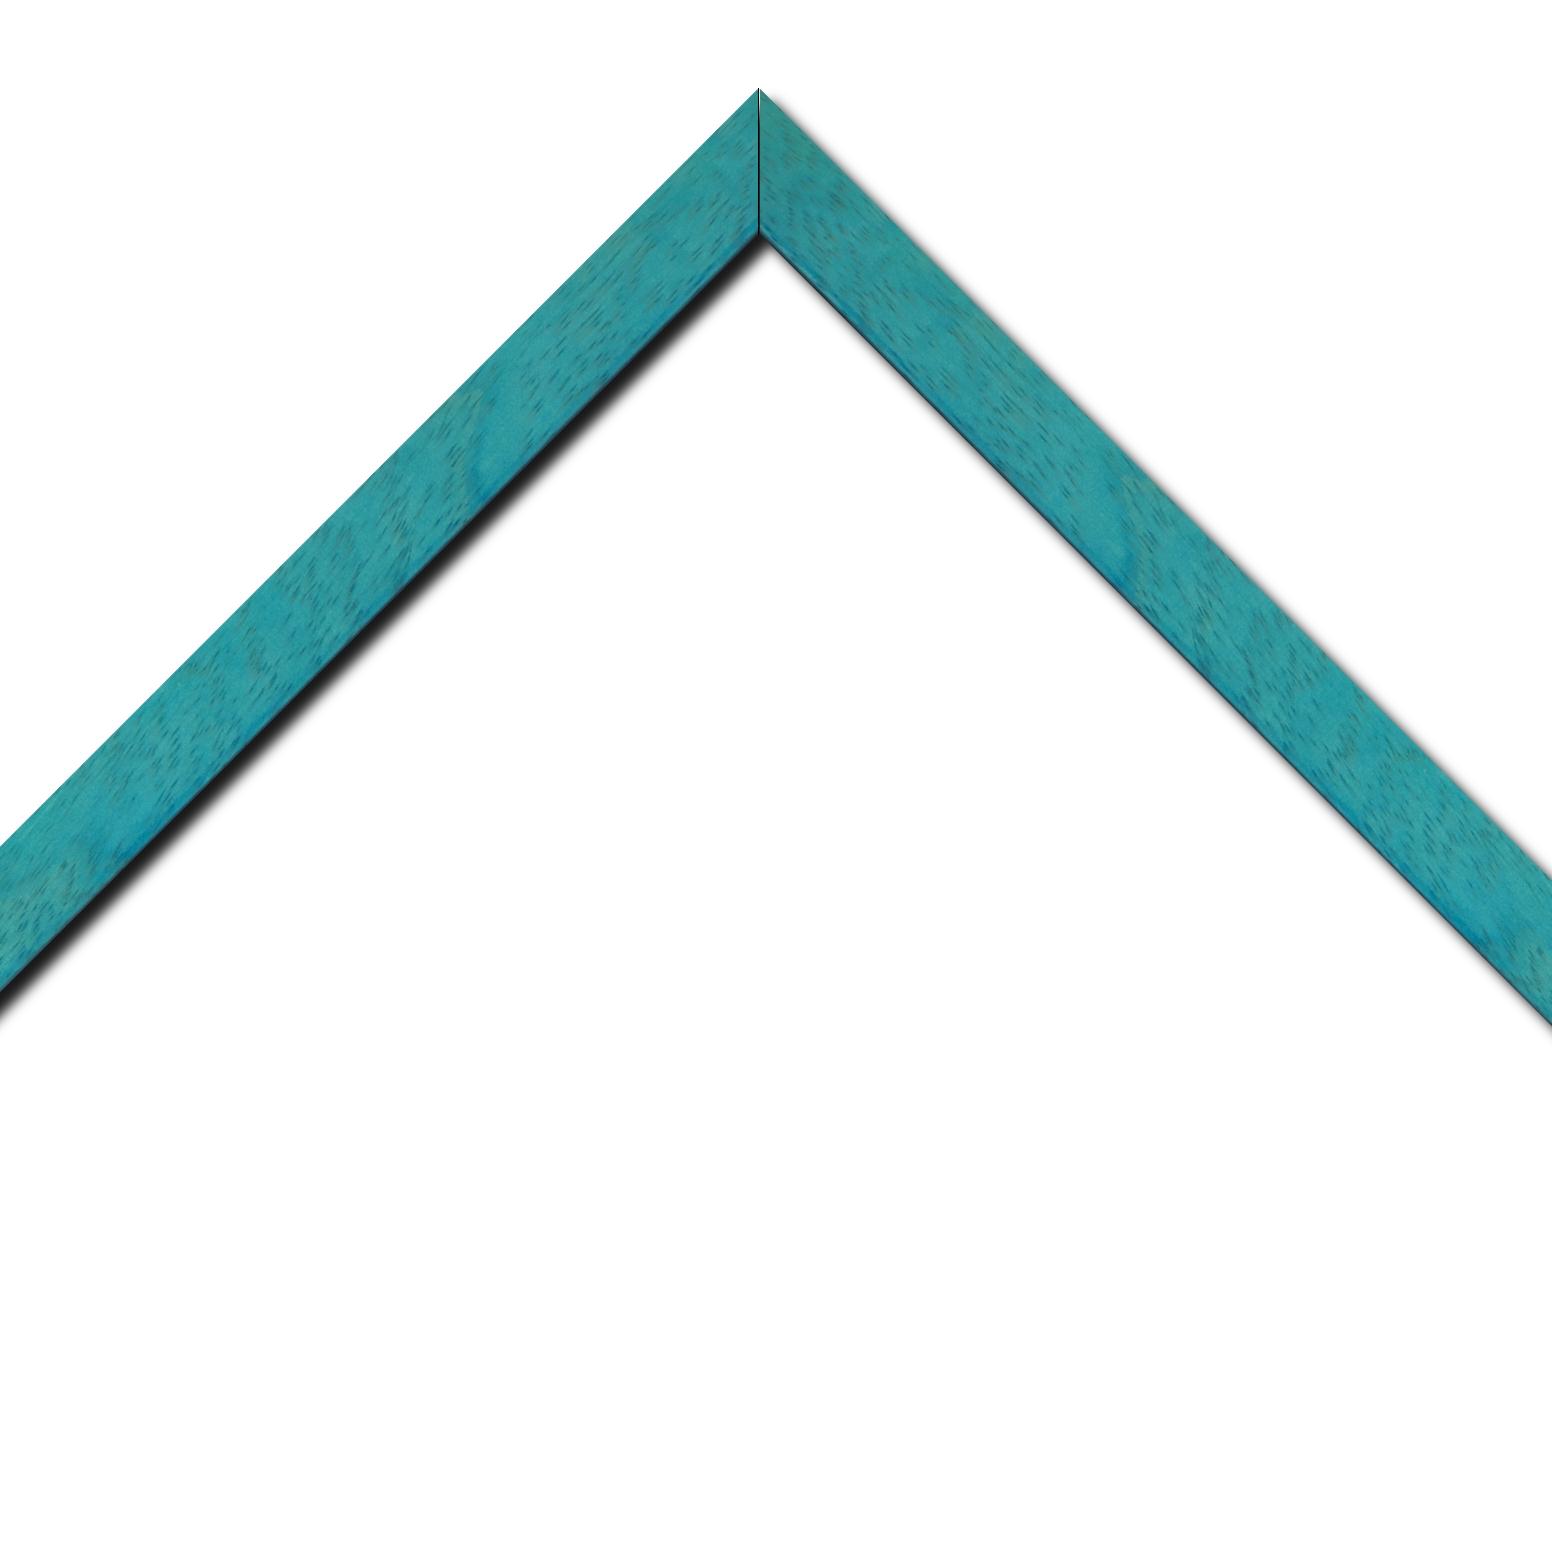 Baguette bois profil plat largeur 2.5cm couleur bleu turquoise satiné